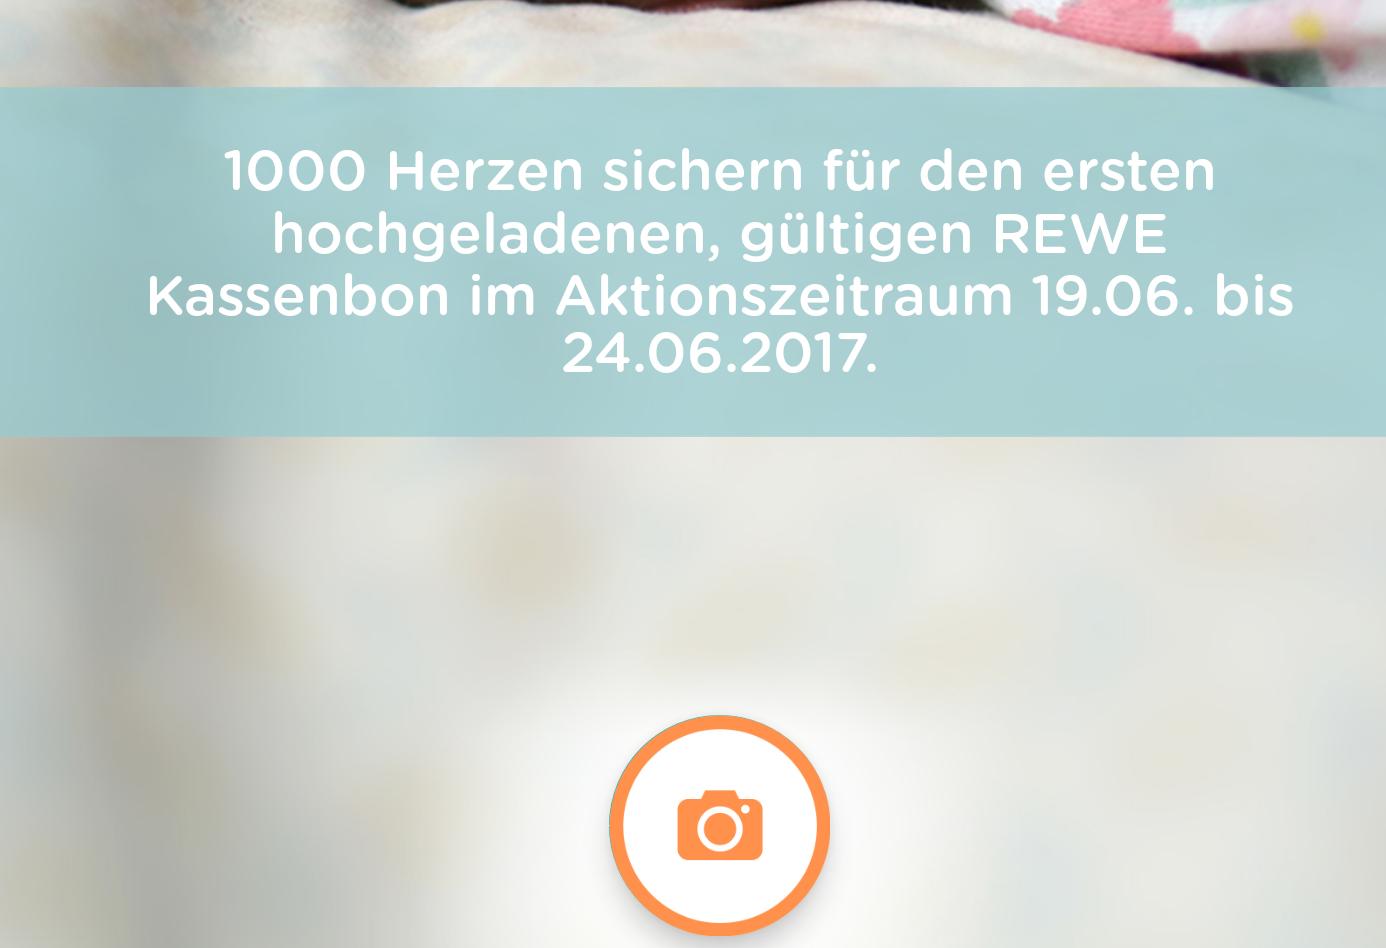 1.000 Herzen für den ersten hochgeladenen Rewe-Kassenbon in der App vom Pampers Club